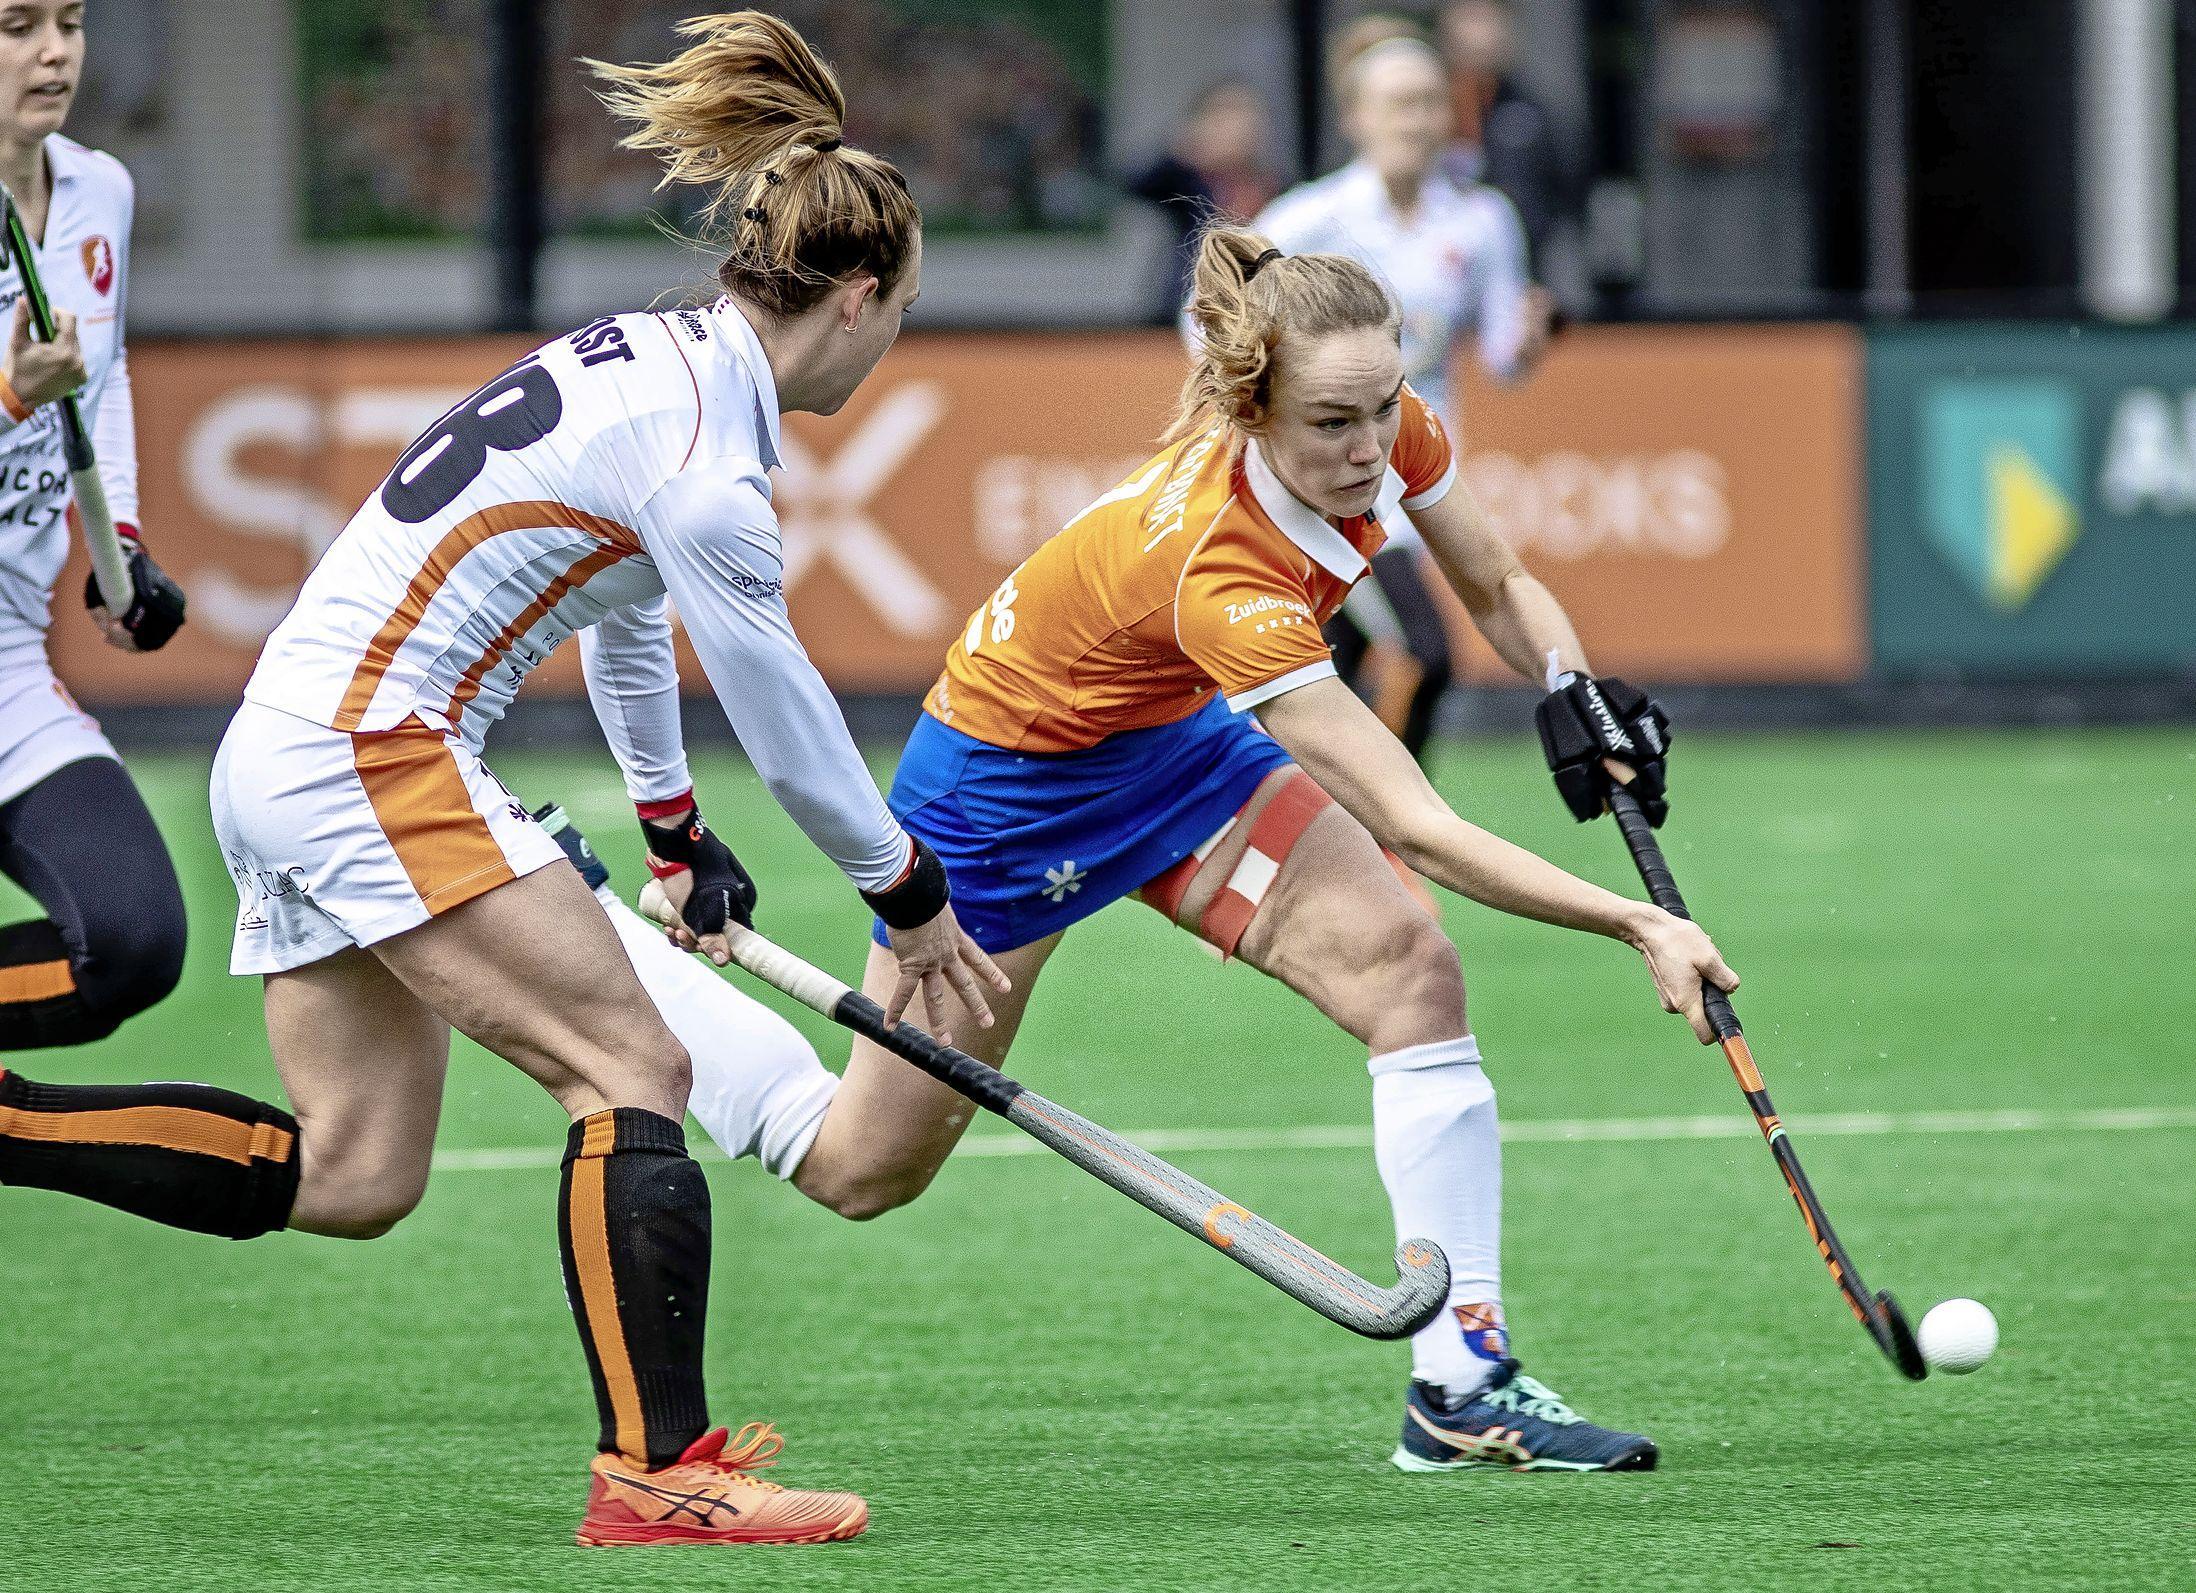 Hockeysters Bloemendaal creëren in cirkel van Oranje-Rood te weinig en verliezen dan ook met 0-1